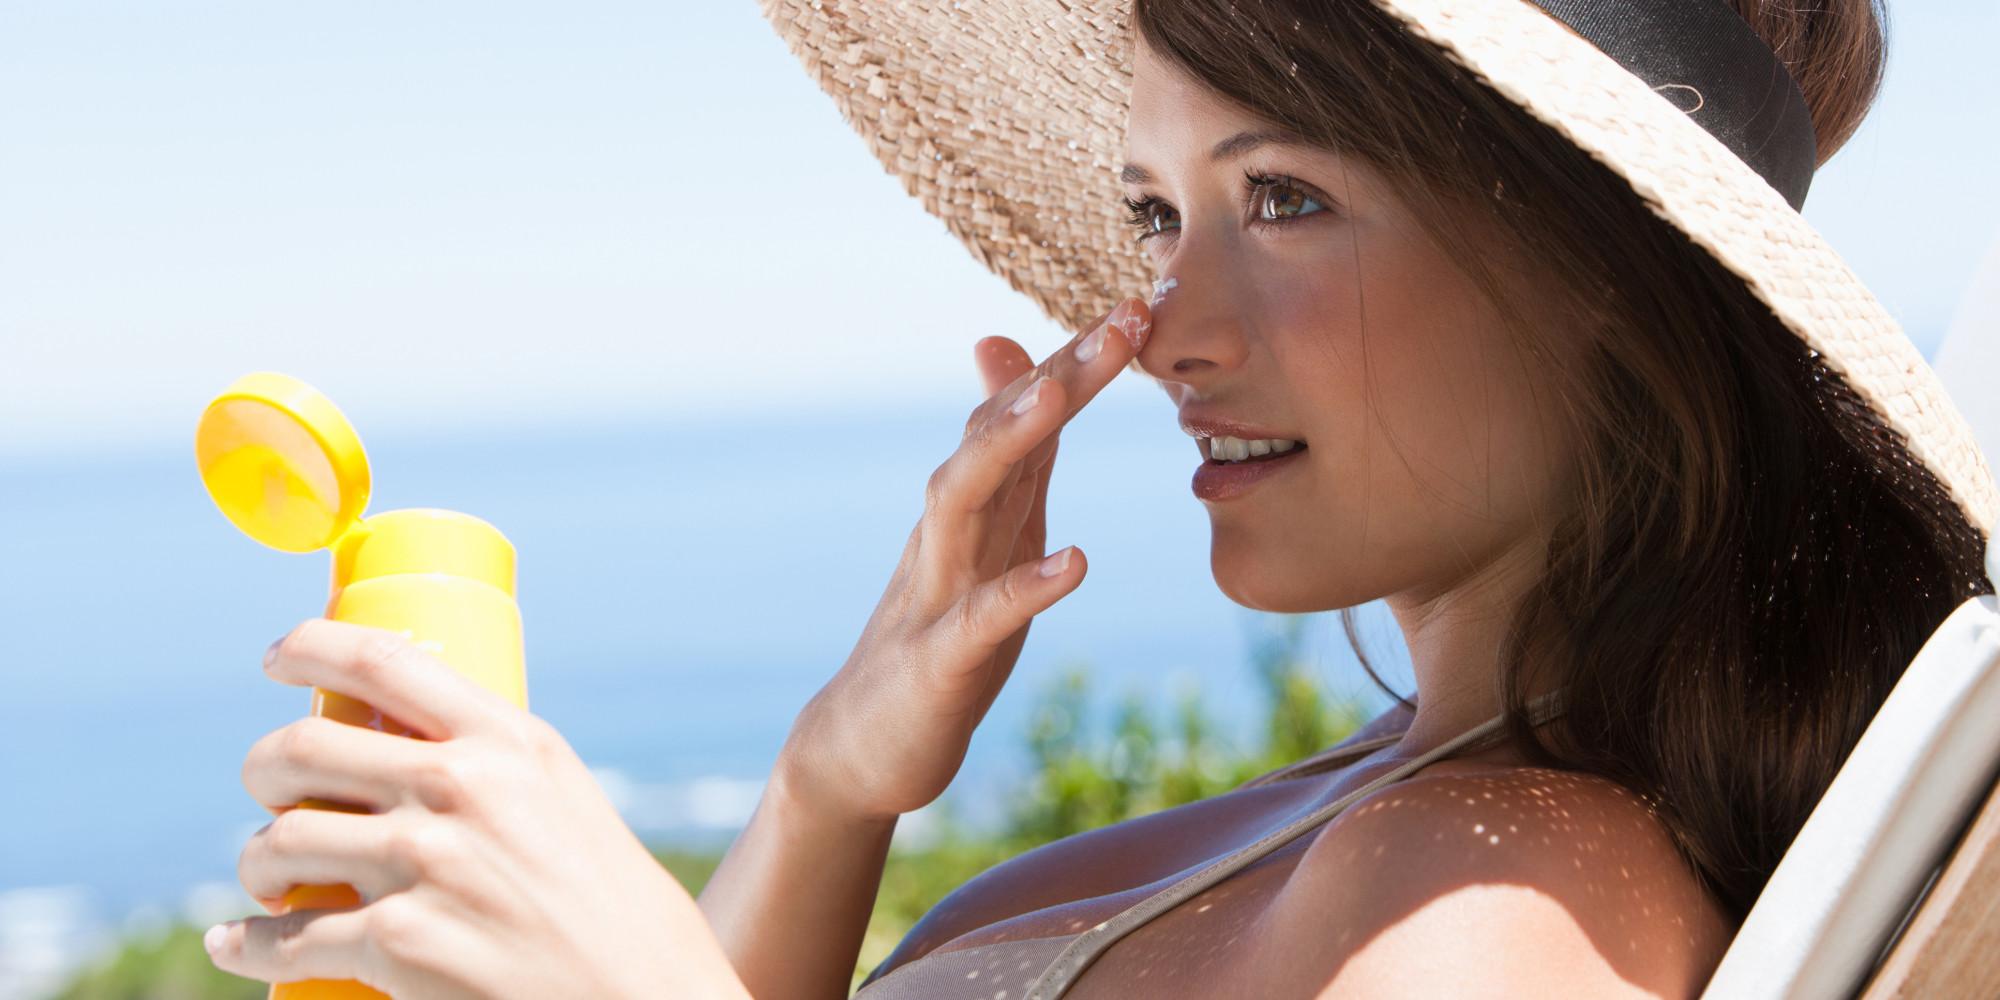 Luôn sử dụng kem chống nắng mỗi khi đi ra ngoài